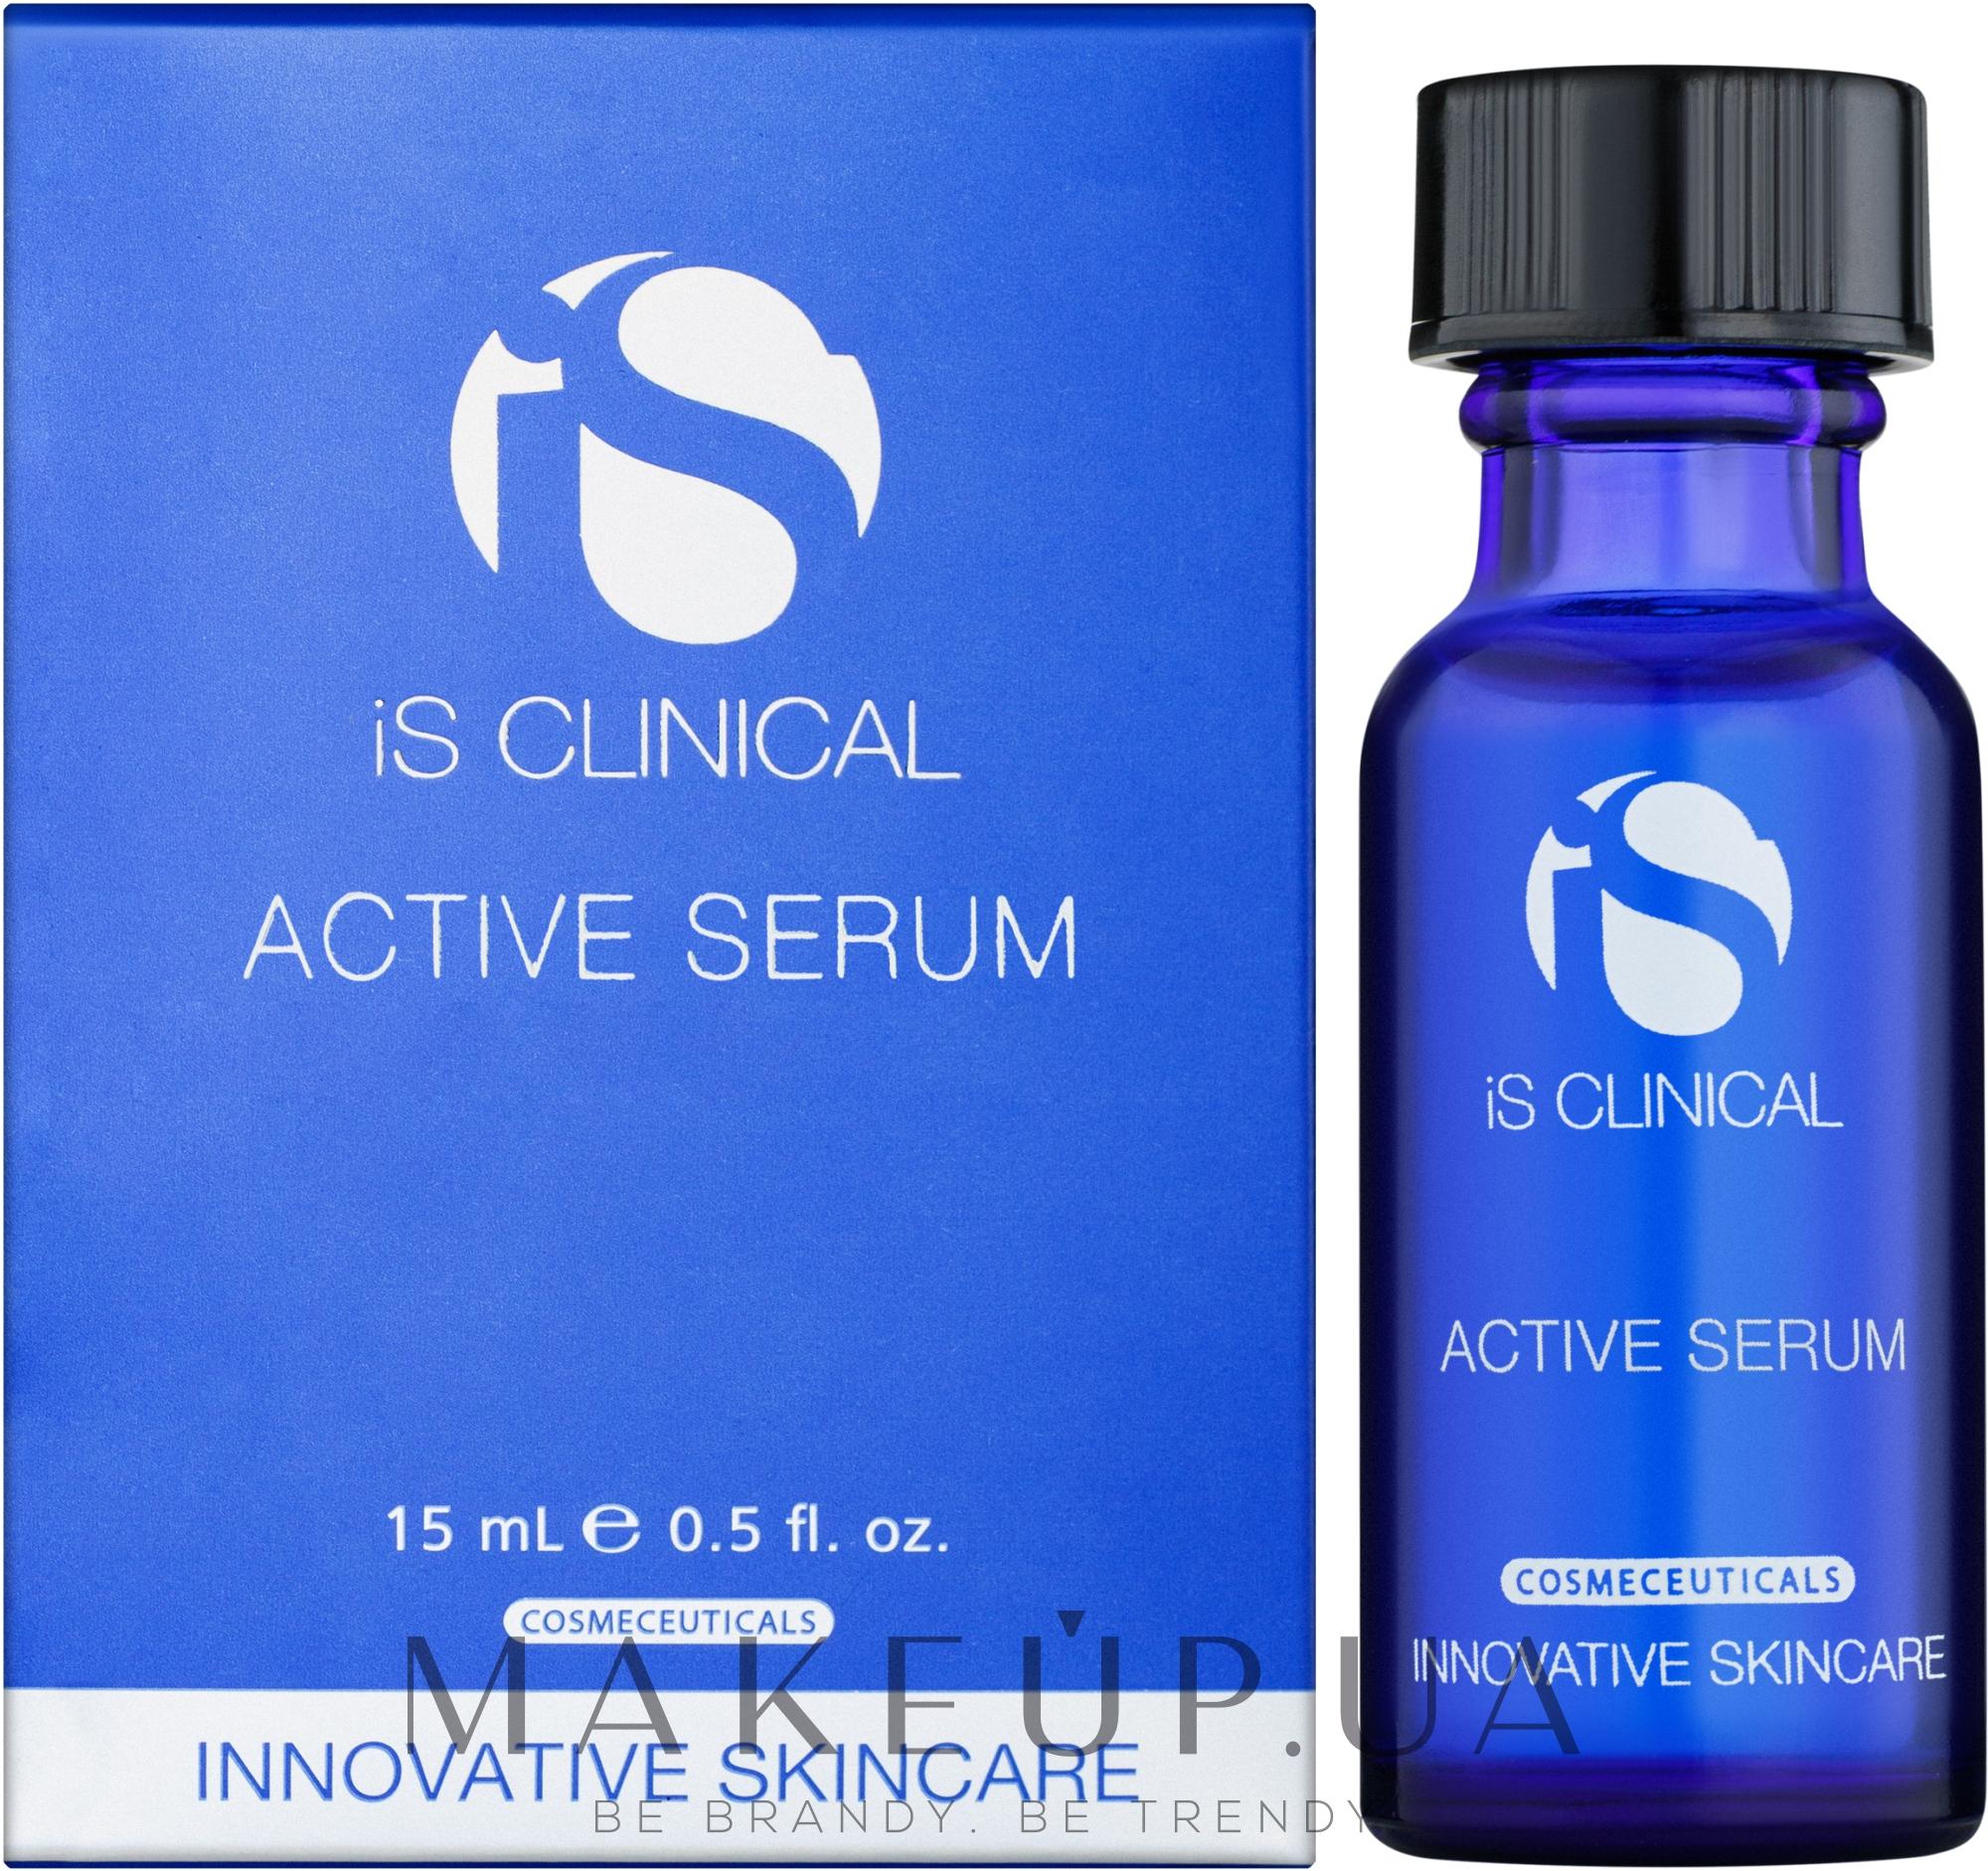 Многофункциональная сыворотка для лица - iS Clinical Active Serum — фото 15ml